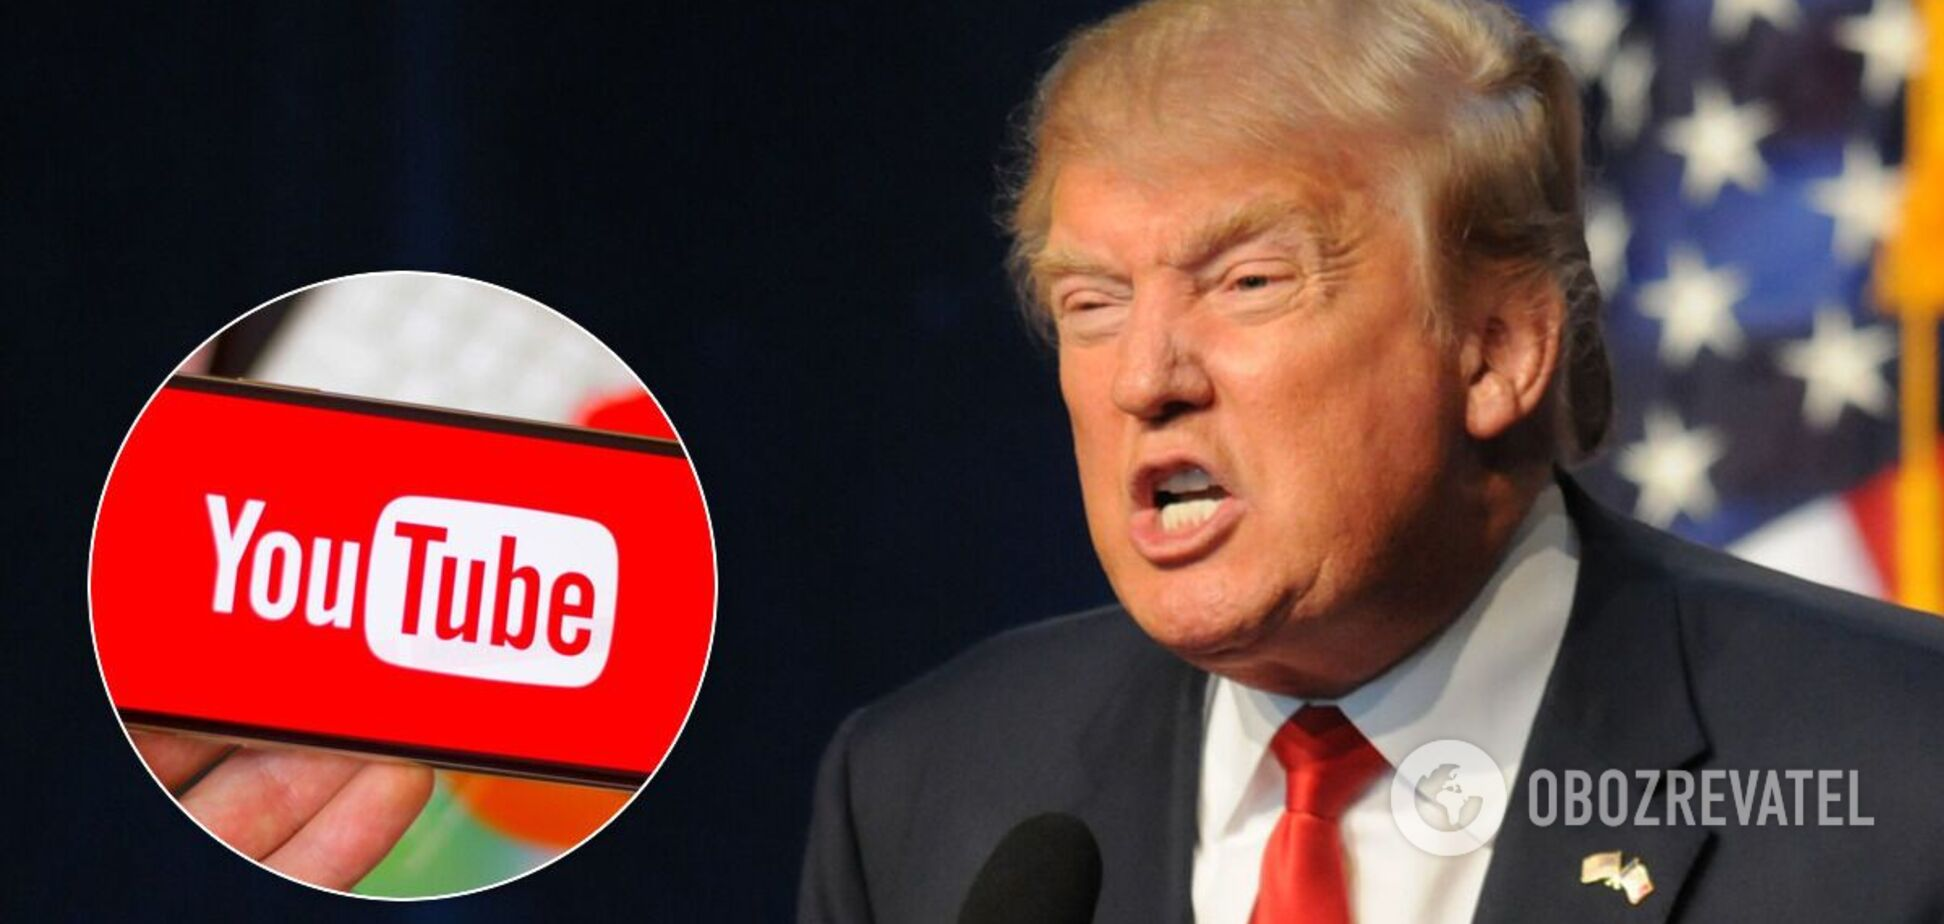 YouTube на час заблокував акаунт Трампа через ризик насильства